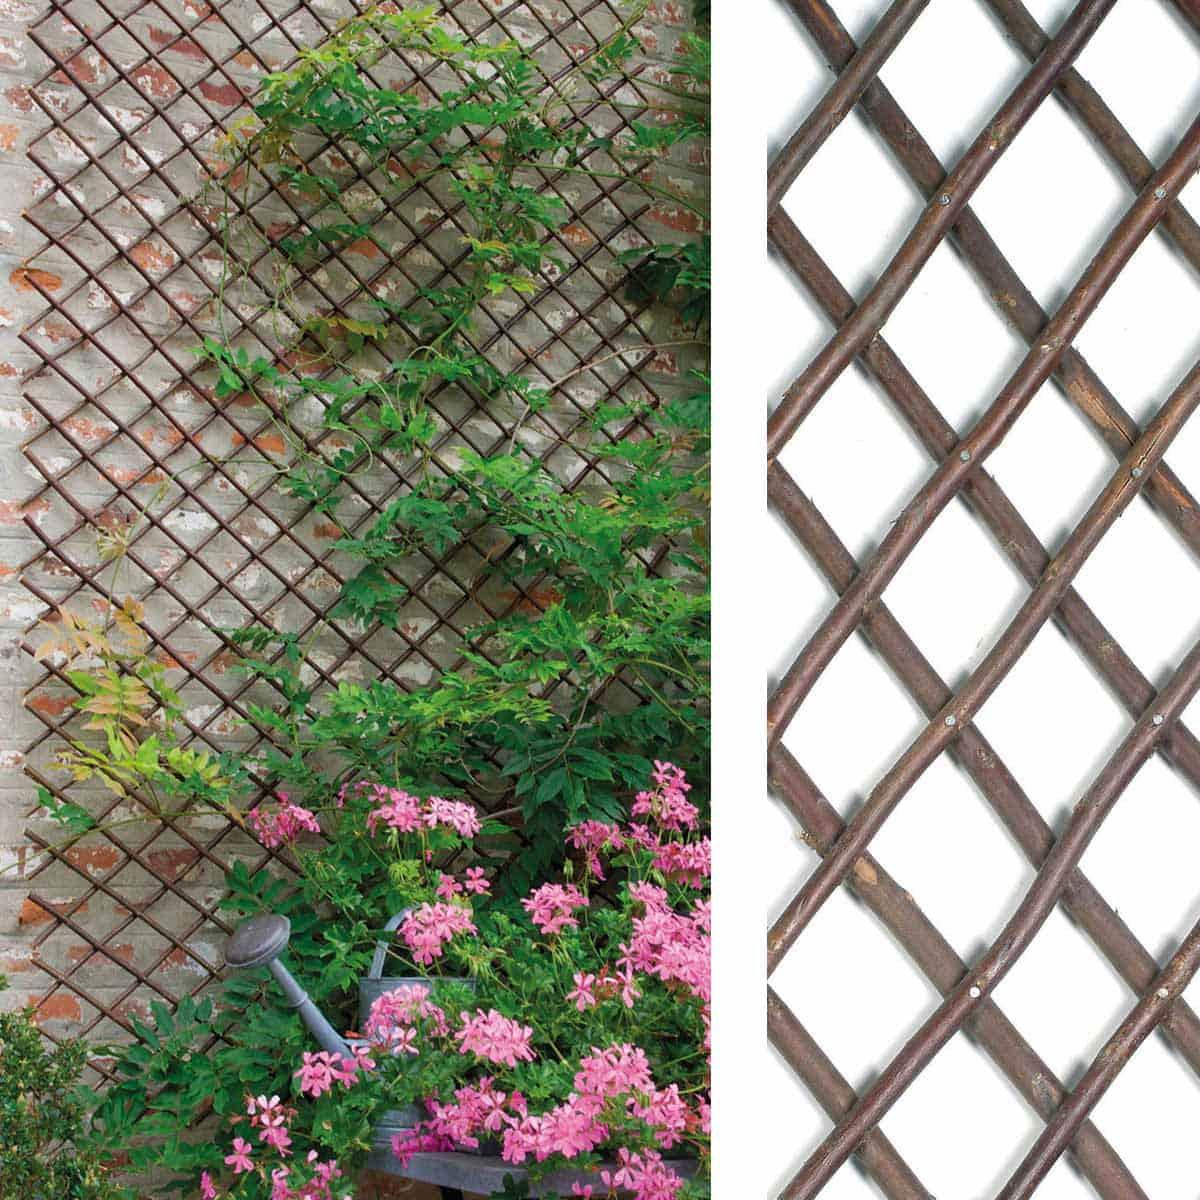 Fabriquer Treillis Bois Pour Plantes Grimpantes treillage extensible en osier 1m x 2m